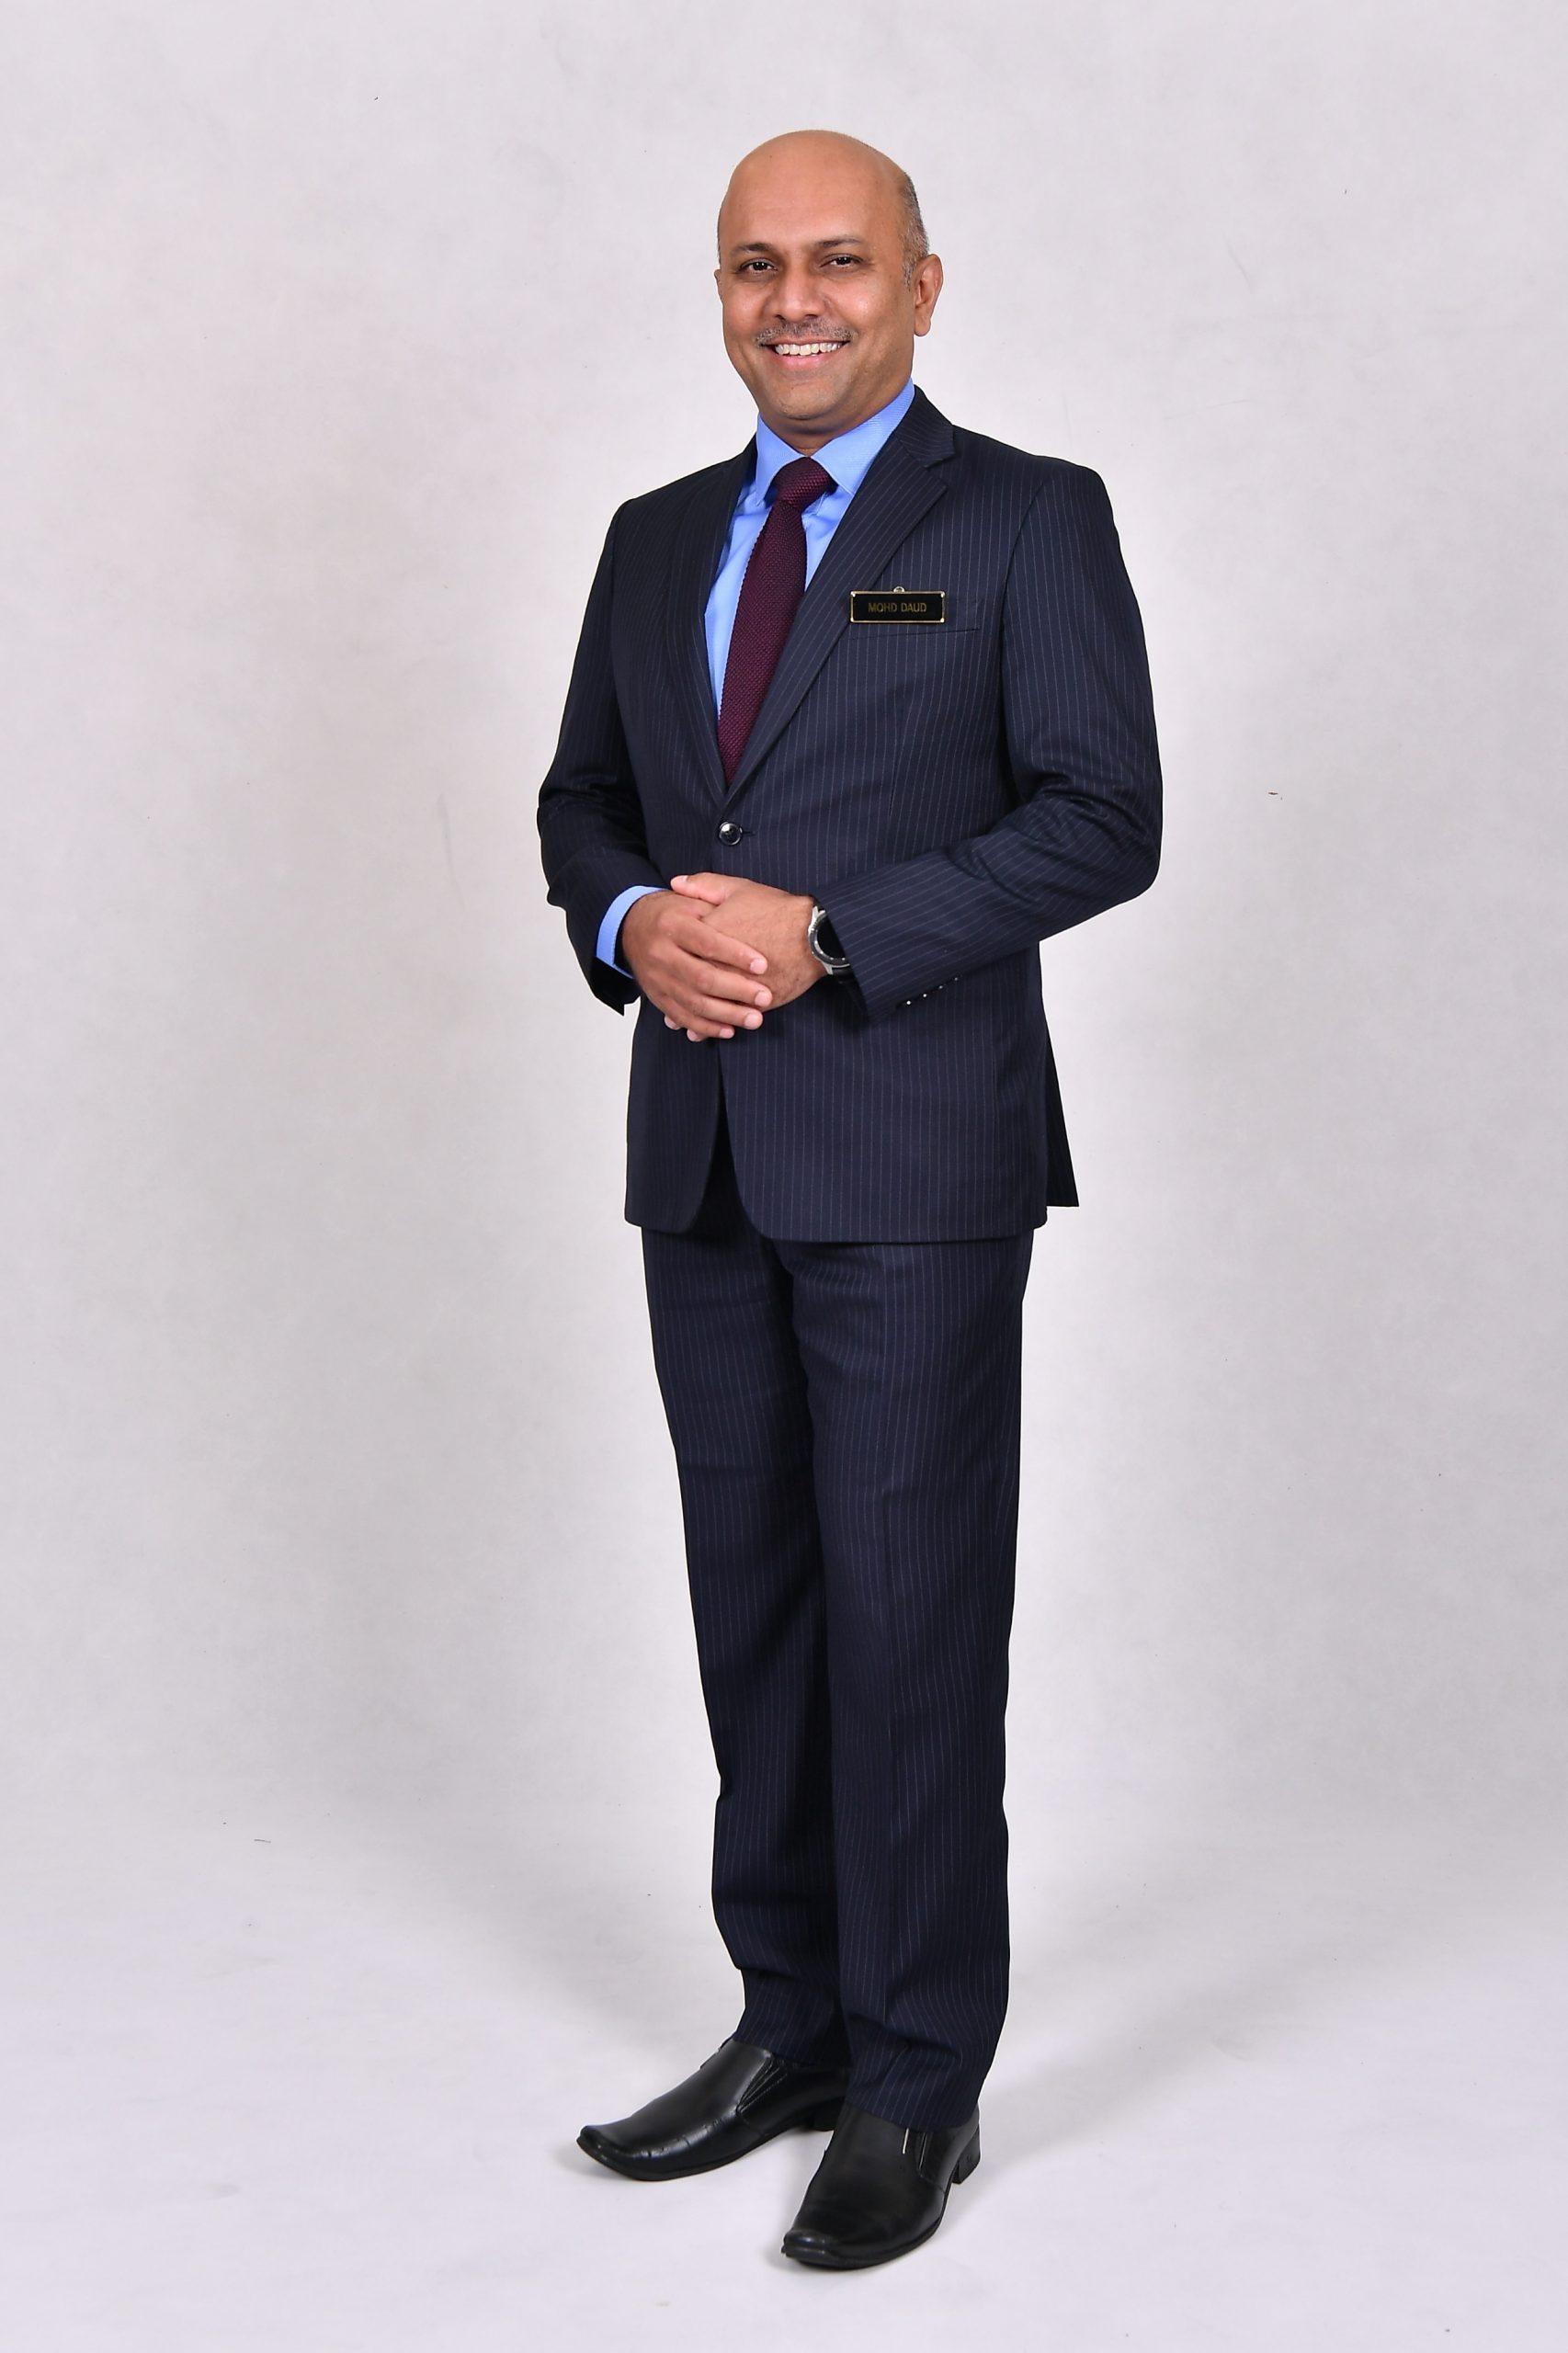 Mohd Daud Mohd Arif, Chief Executive Officer